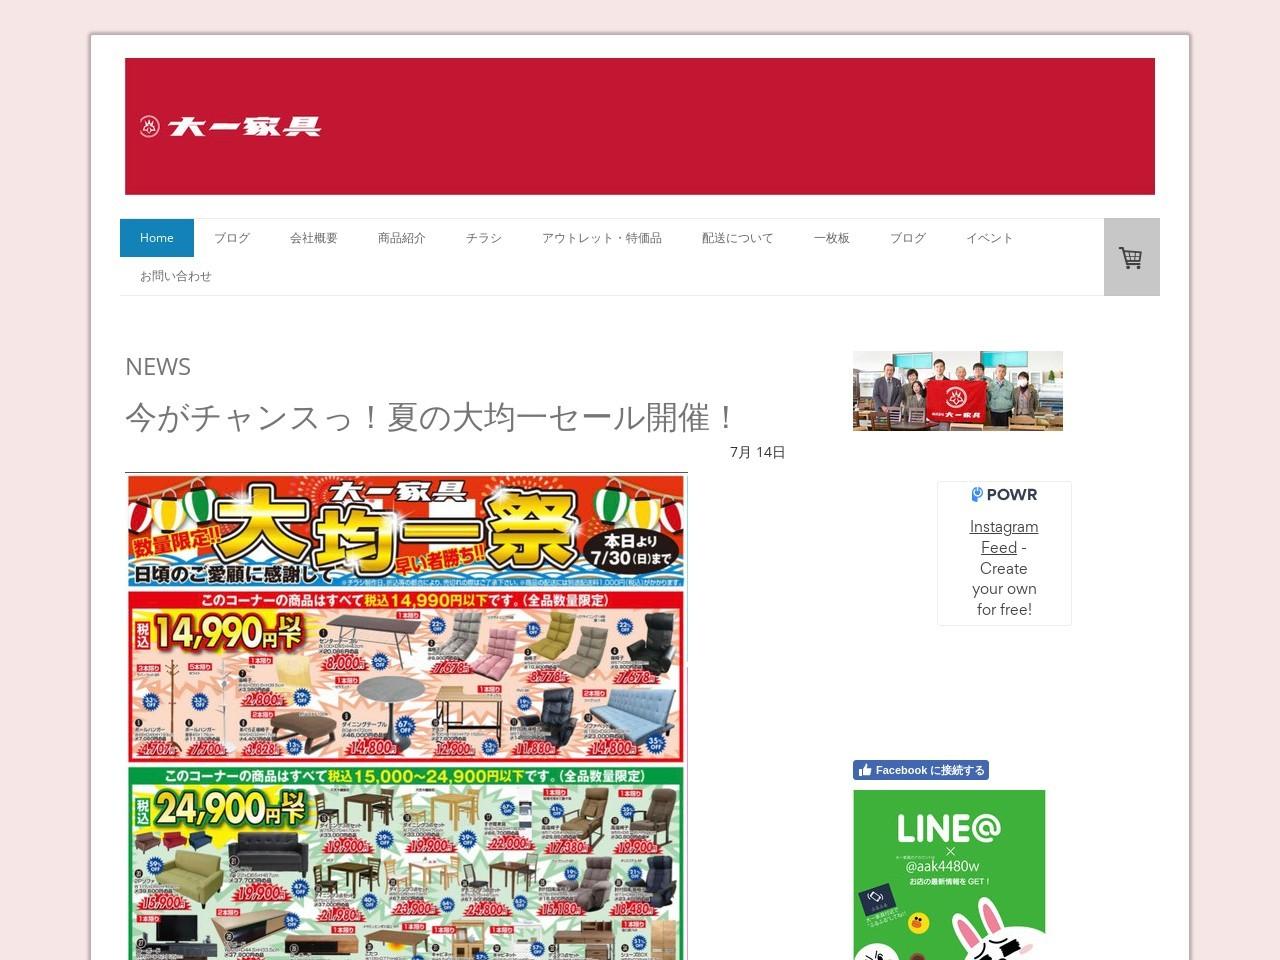 大一家具 - 【大一家具】オシャレと健康を考える。石川県最大級家具専門店